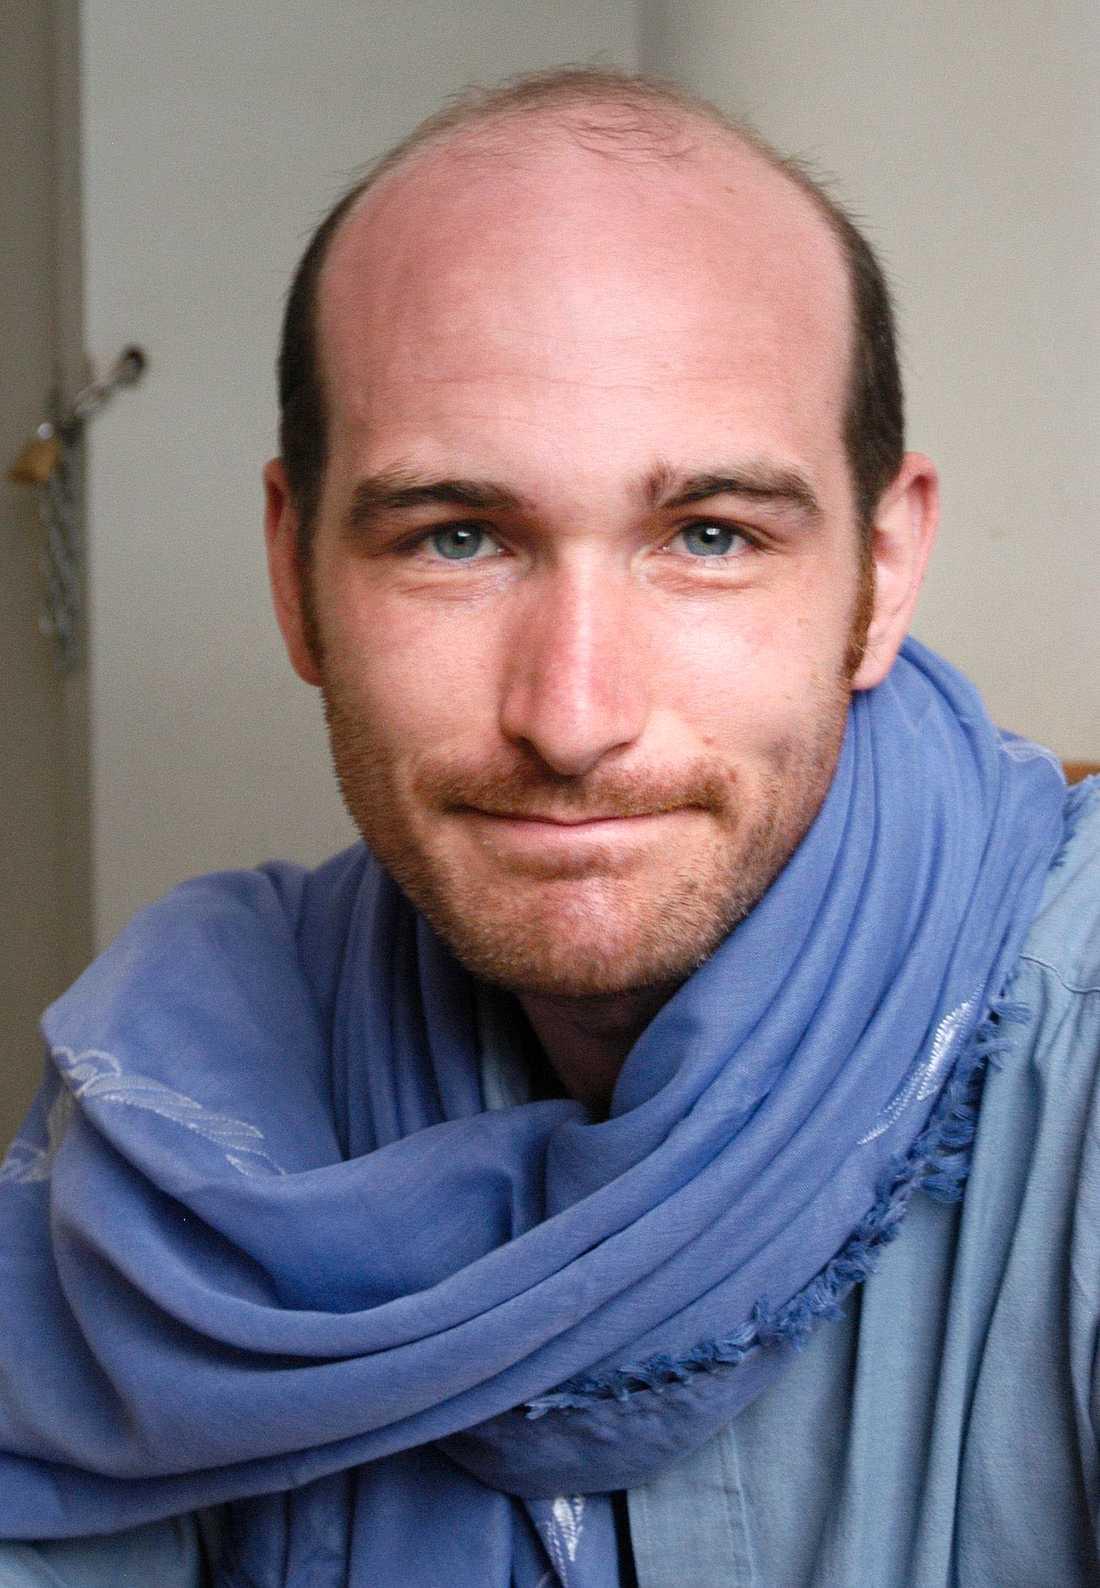 Nicolas Henin som regelbundet rapporterar för nyhetsmagasinet Le Point kidnappades av en oidentifierad rebellgrupp i Raqqa den 22 juni.